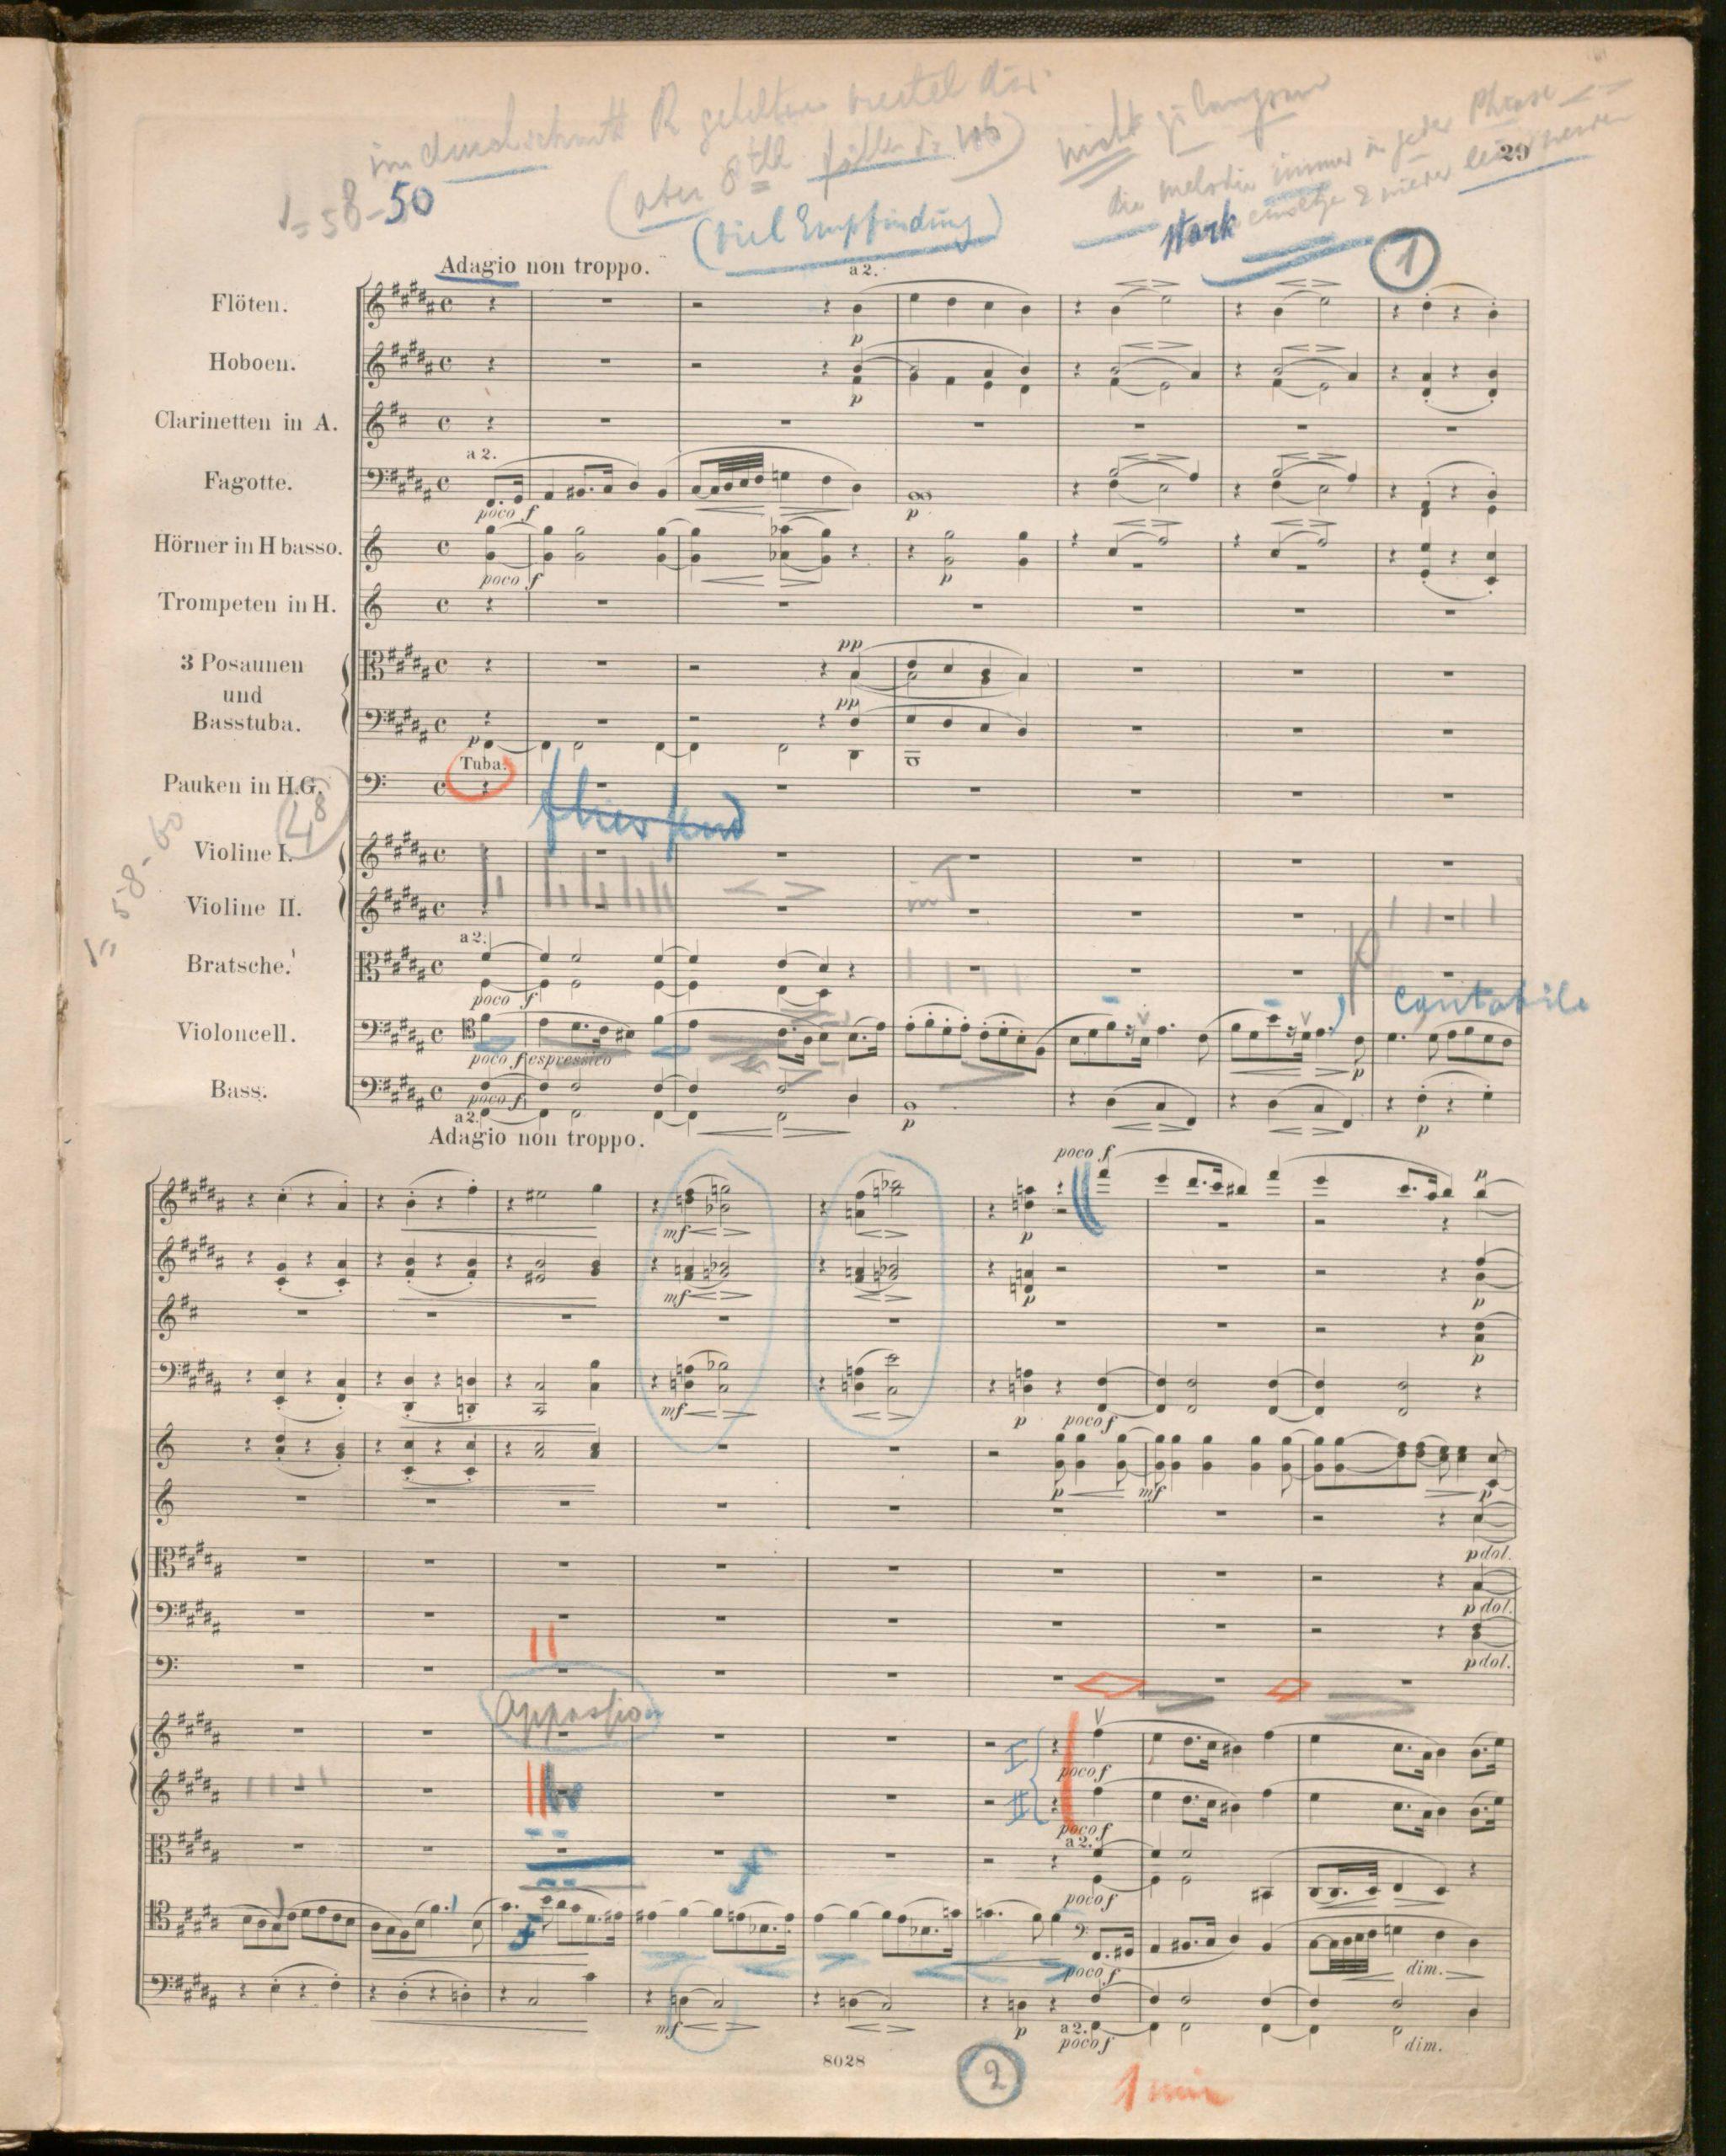 Mengelberg's score page 1 of Adagio 2.2